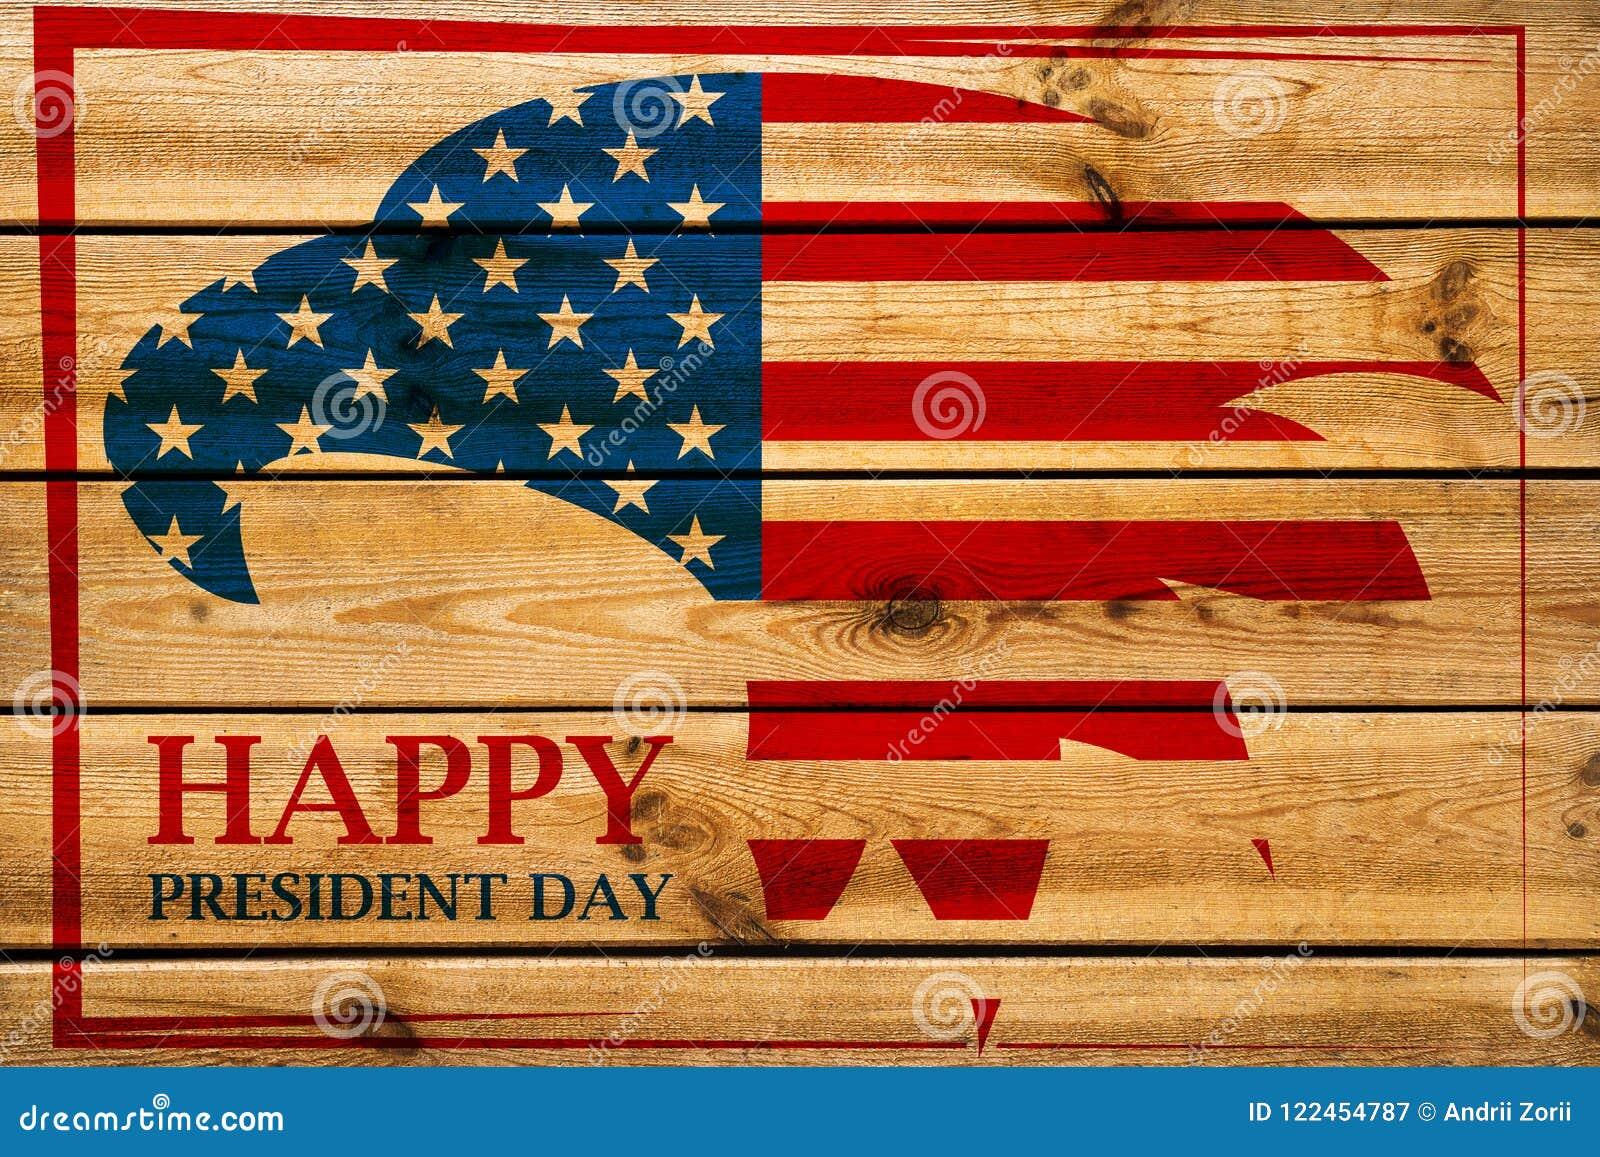 Έμβλημα Προέδρων Day με τον αμερικανικό αετό στο κόκκινο πλαίσιο Ξύλινη ανασκόπηση